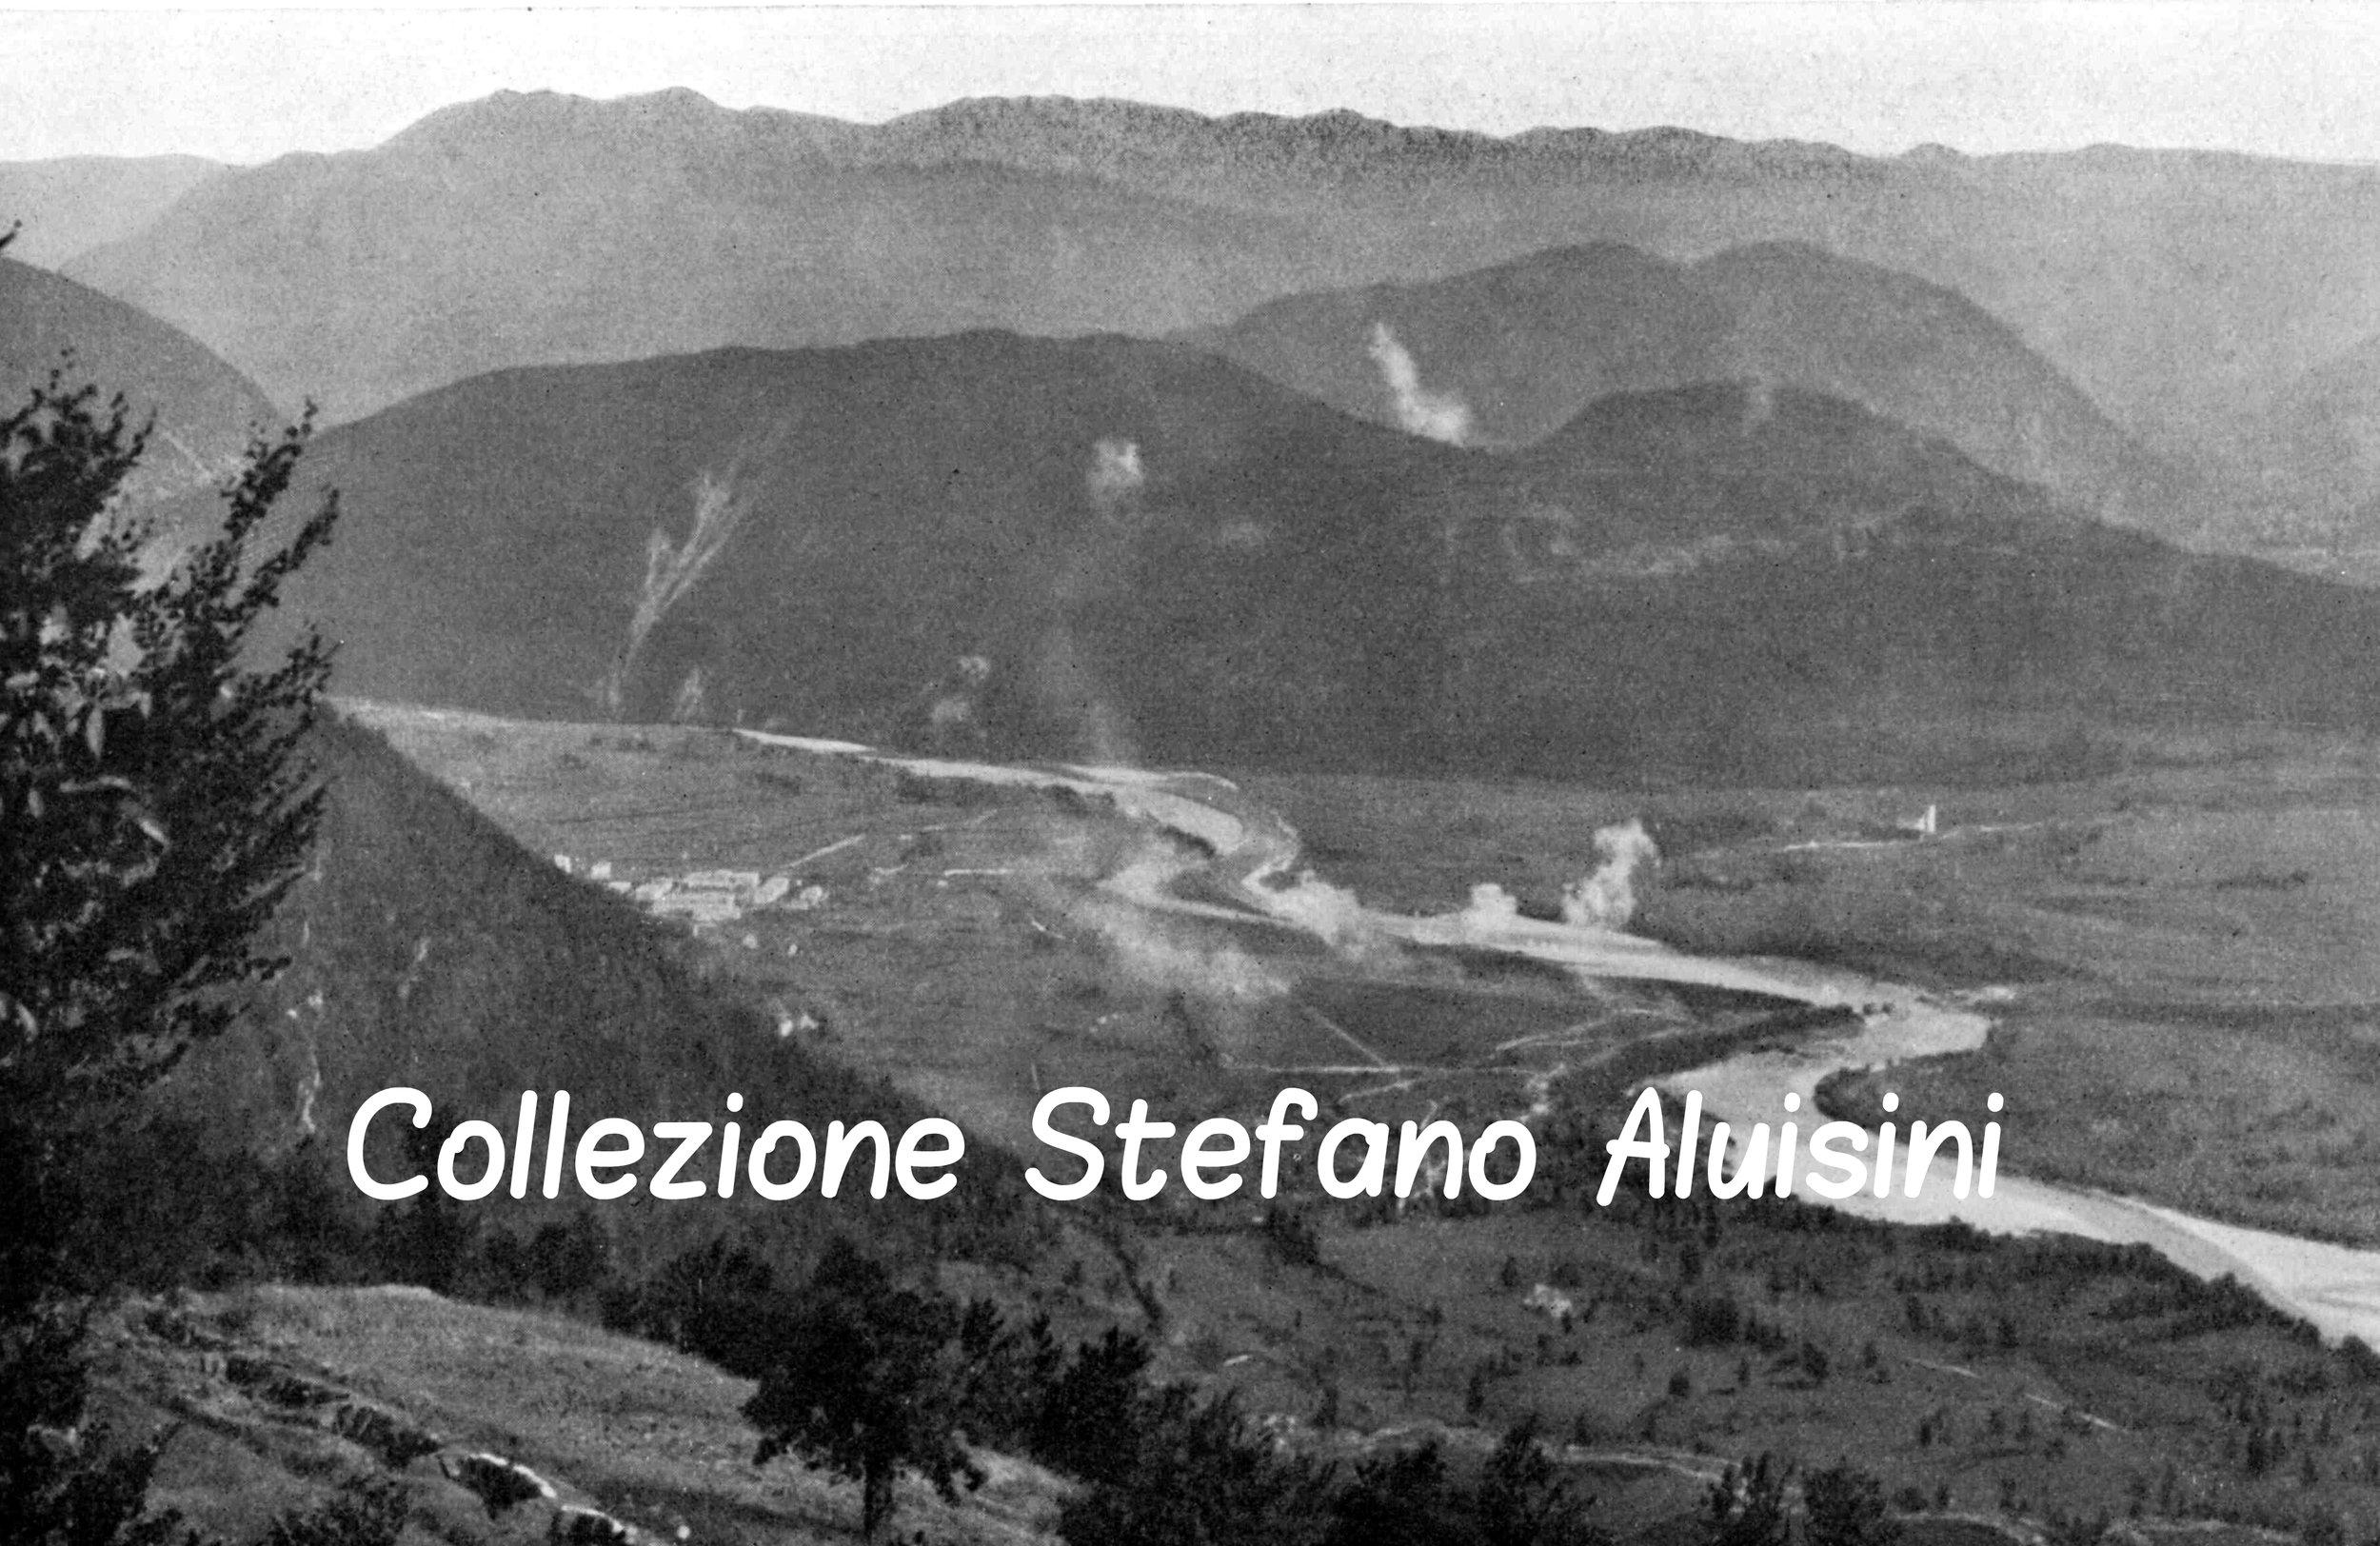 c009 La conca di Tolmino durante un bombardamento.jpg